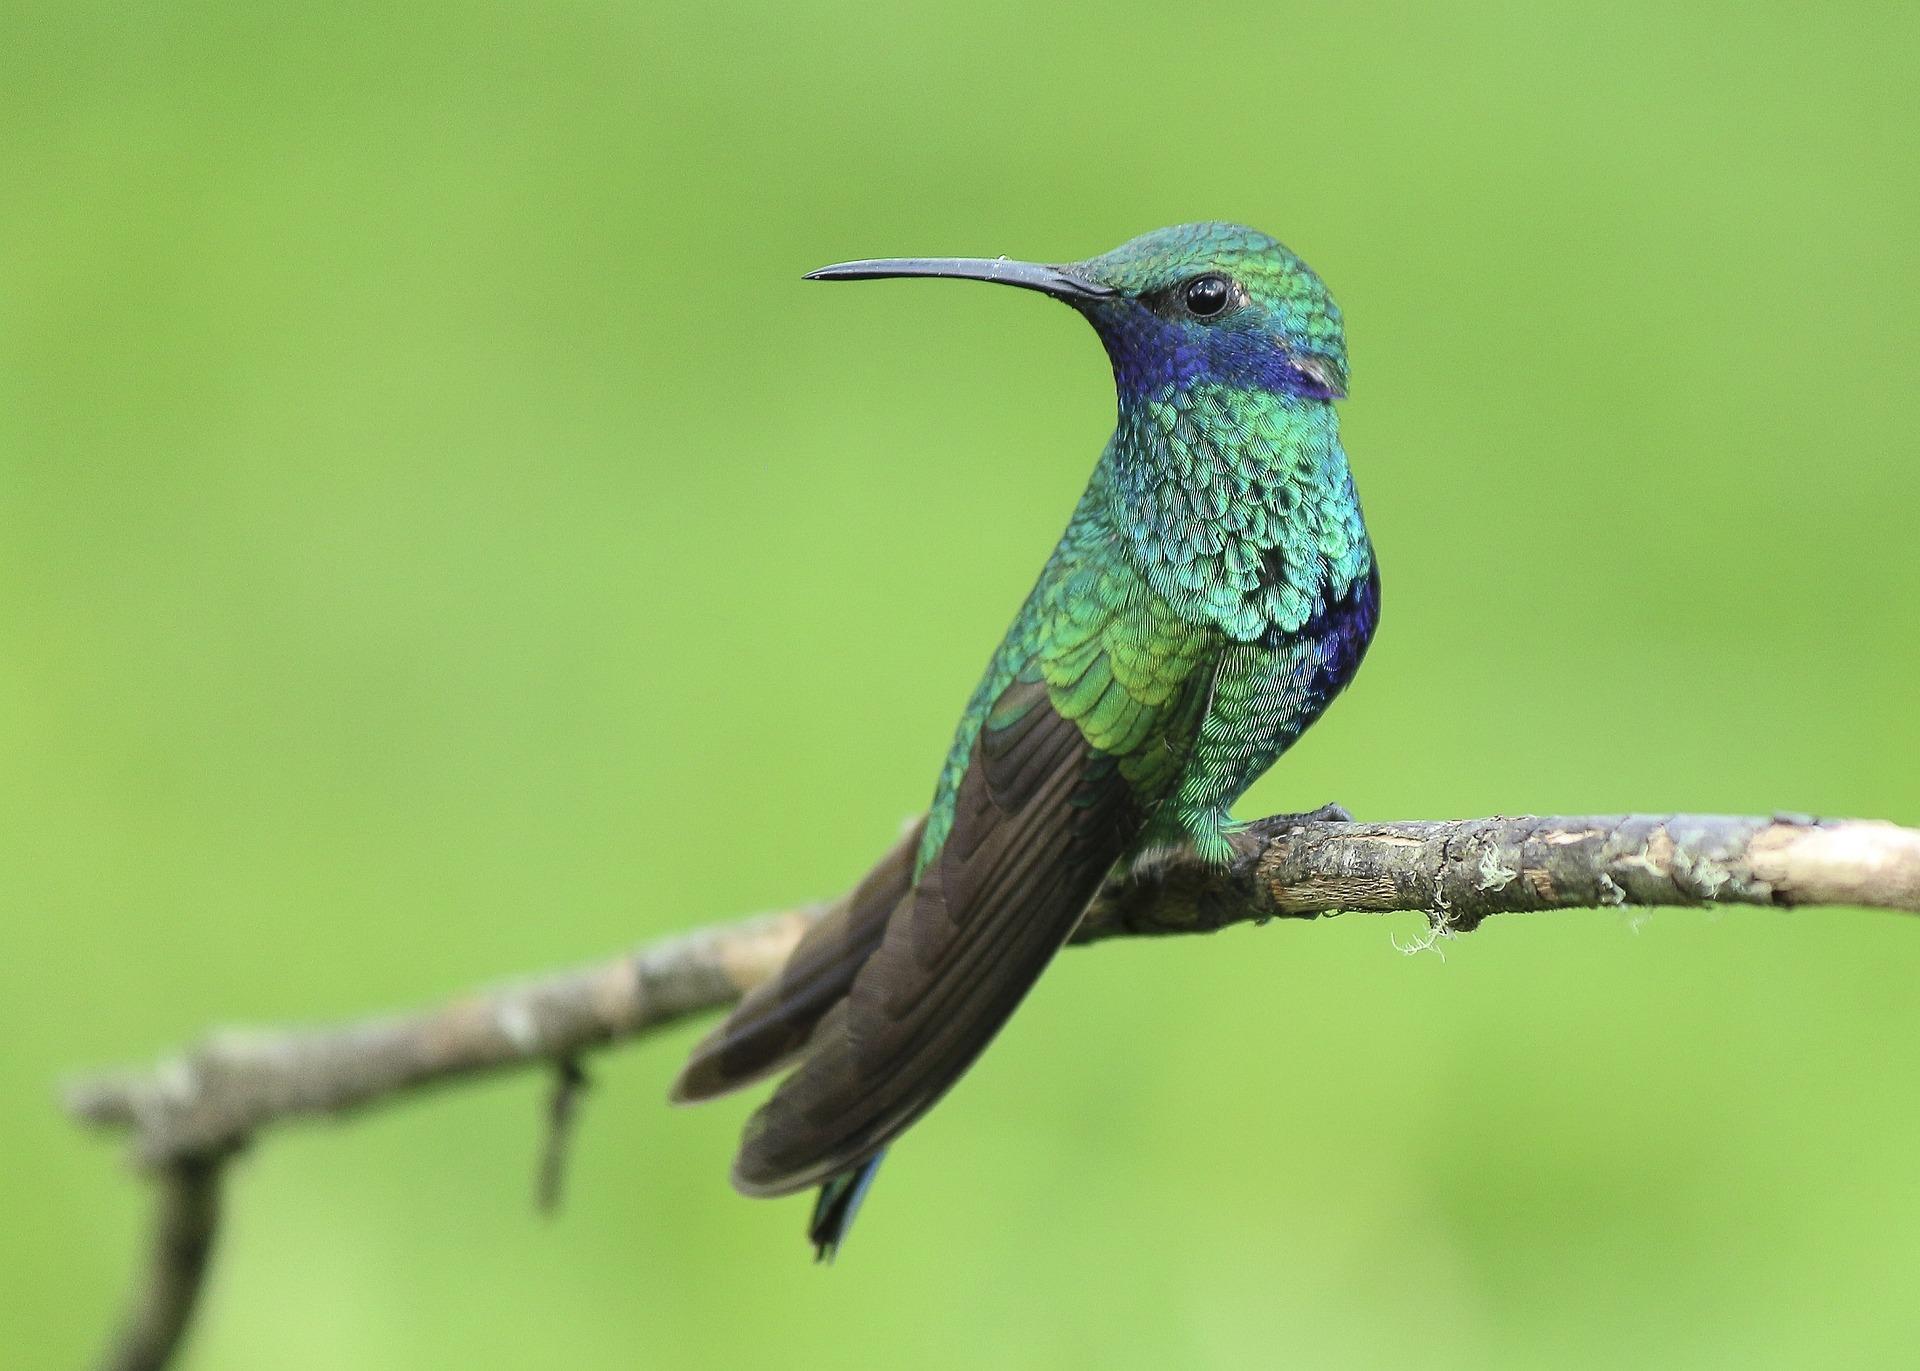 Especialista alerta para desequilíbrio socioambiental com a extinção de aves